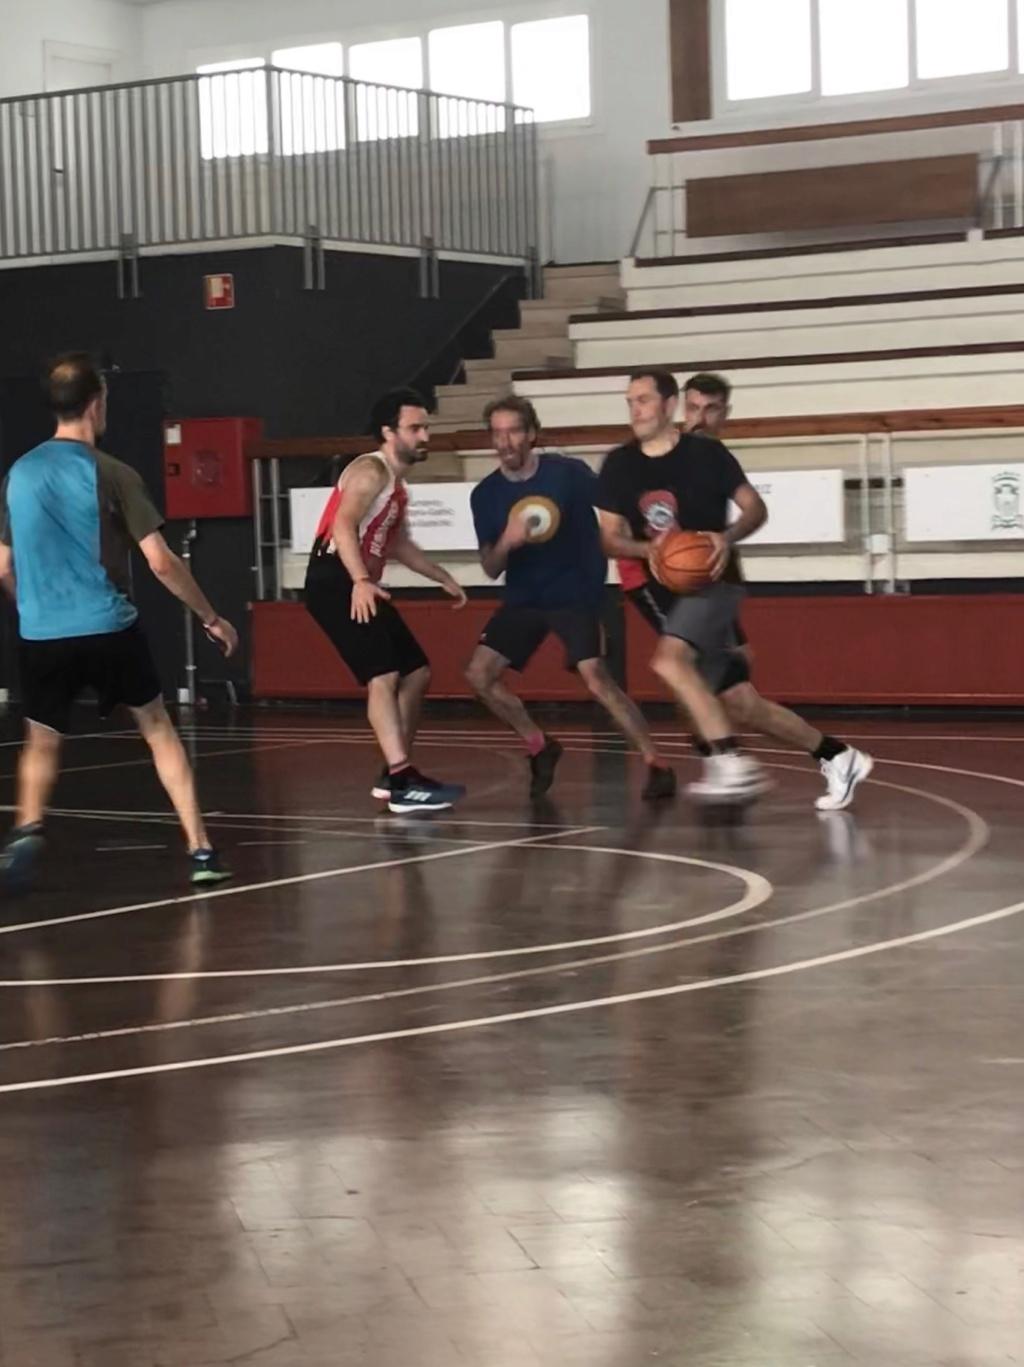 Pachanga De Basket ARF ¡ OTRO AÑO MAS ROCKET CAMPEÓN! - Página 10 Img_0711